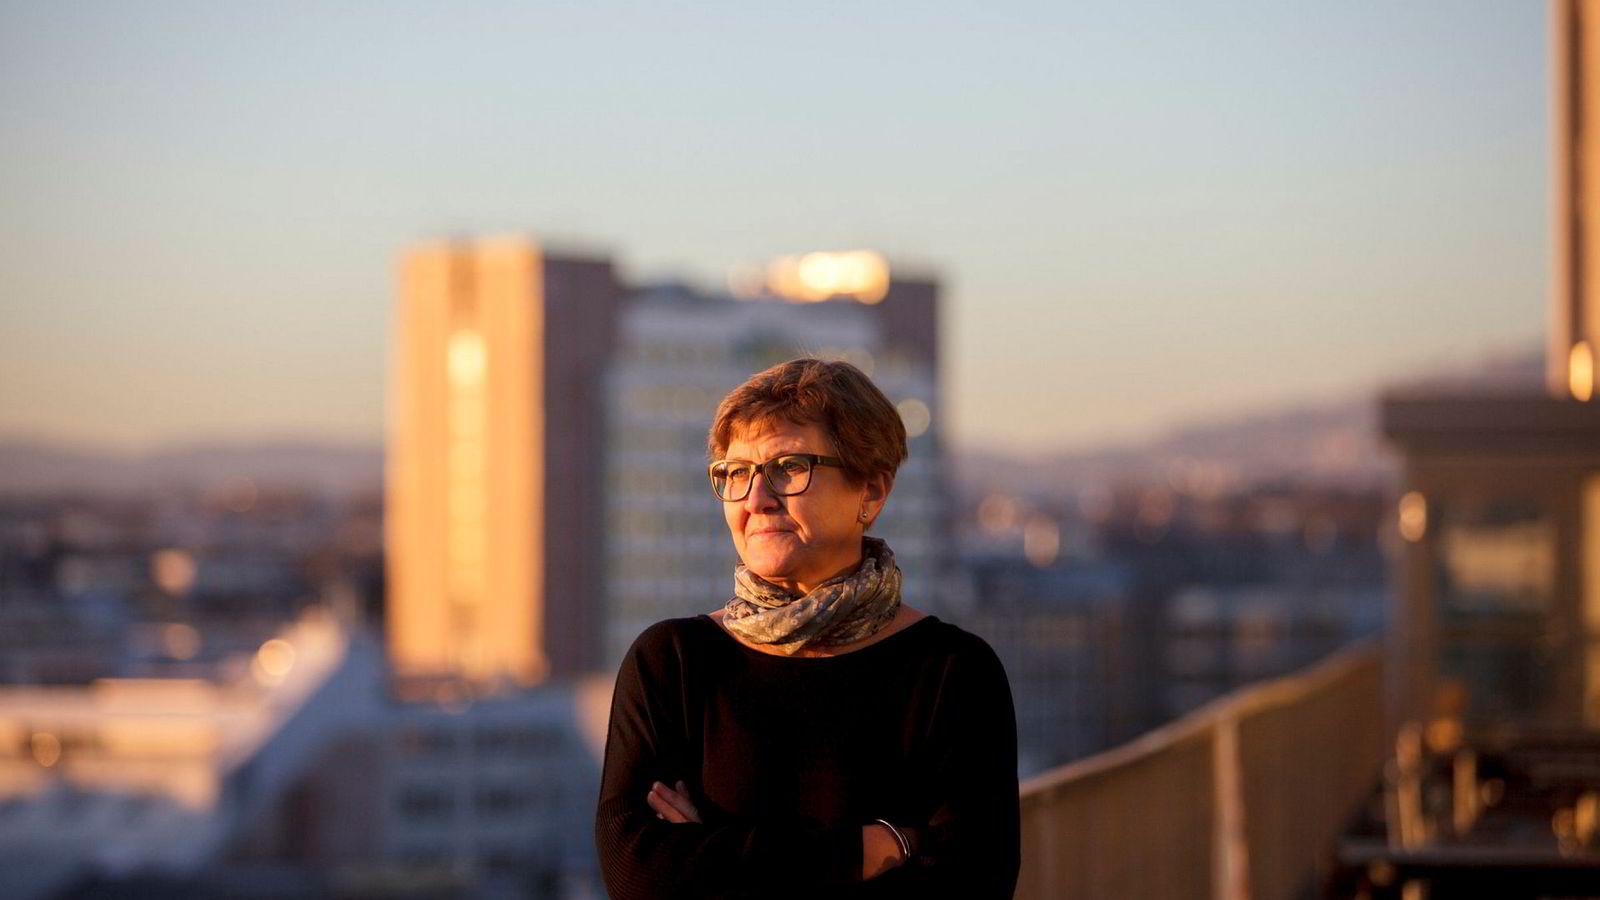 Fagforbundet-leder Mette Nord får støtte fra økonomiprofessor Steinar Holden i krangelen med Fellesforbundet.